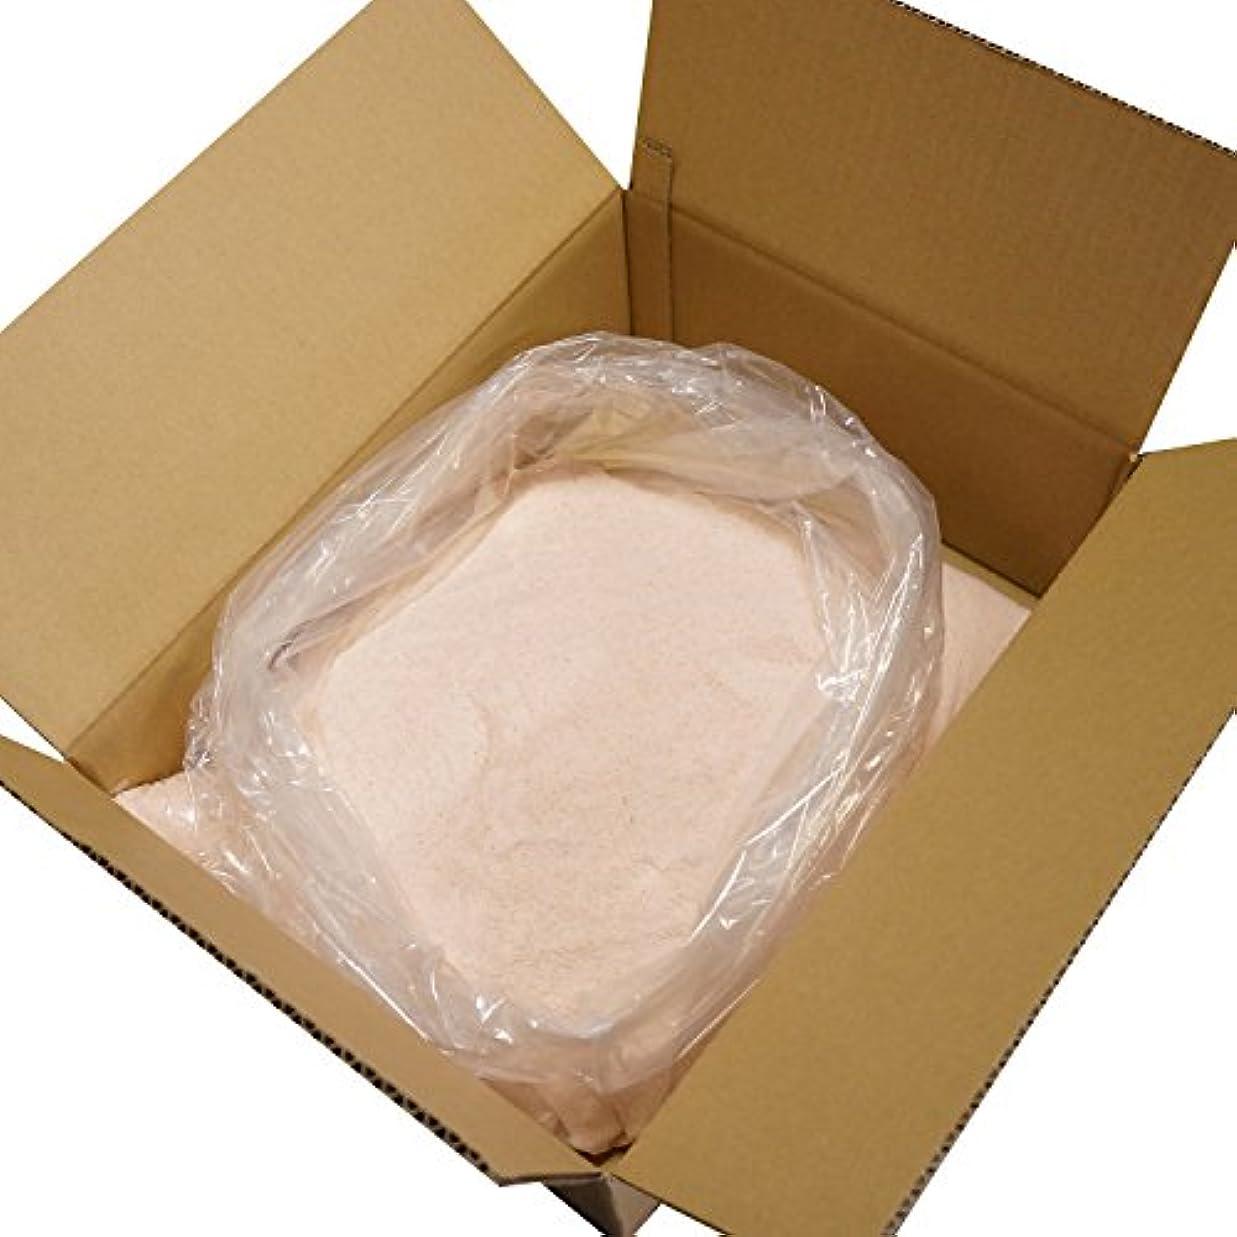 透明に習熟度ブリークヒマラヤ 岩塩 ピンク パウダー 細粒タイプ 業務用 原料 (5kg)